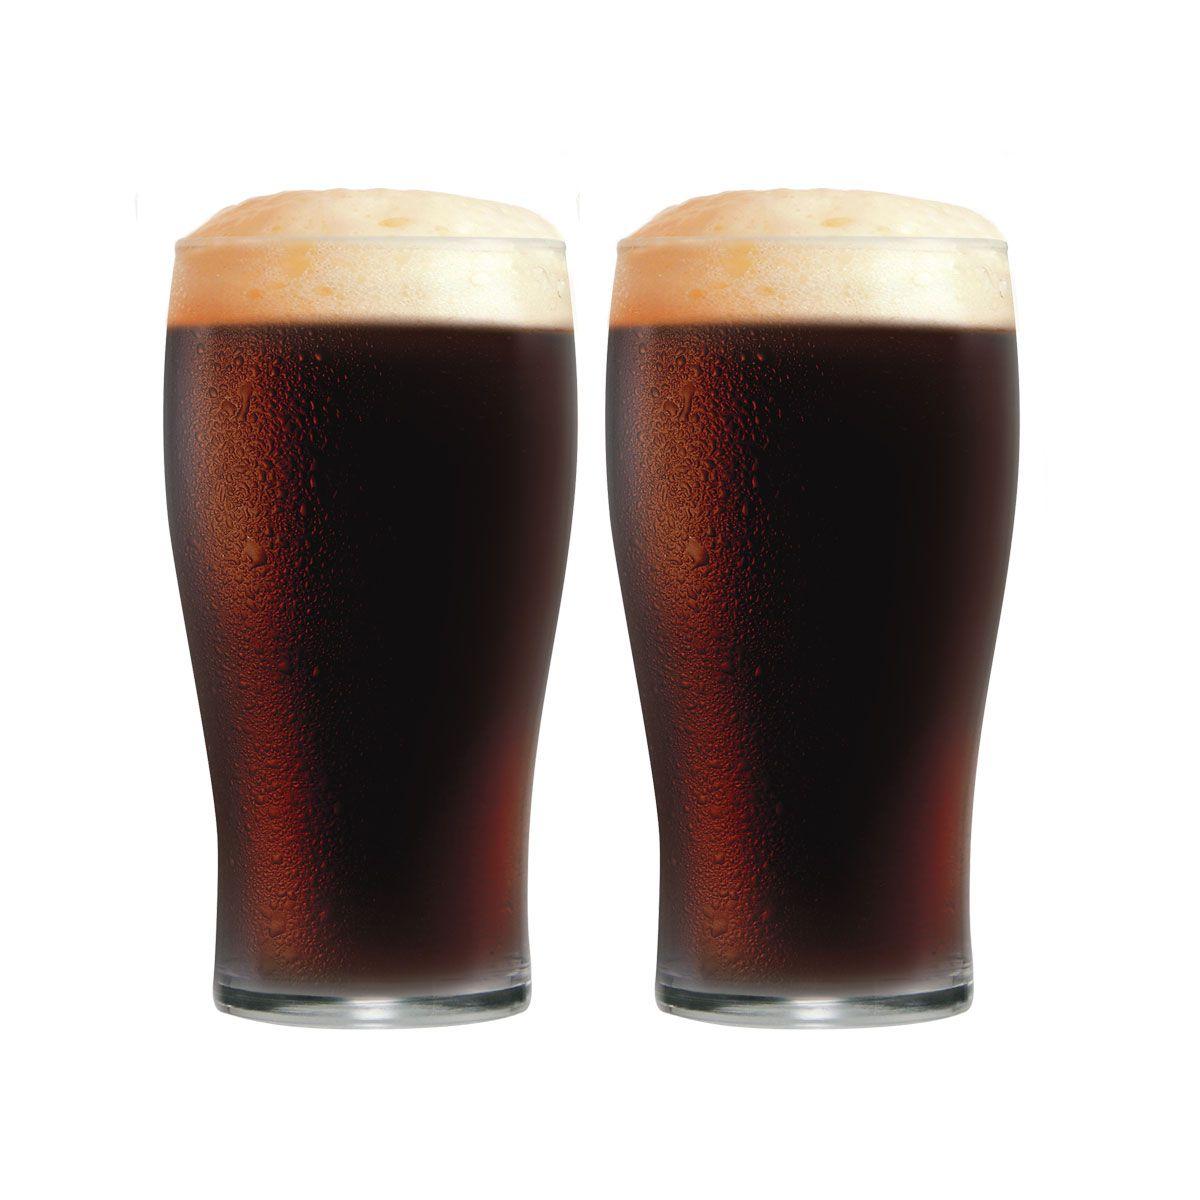 Jogo de Copos de Cerveja Vidro Pint IPA 568ml 2 Pcs